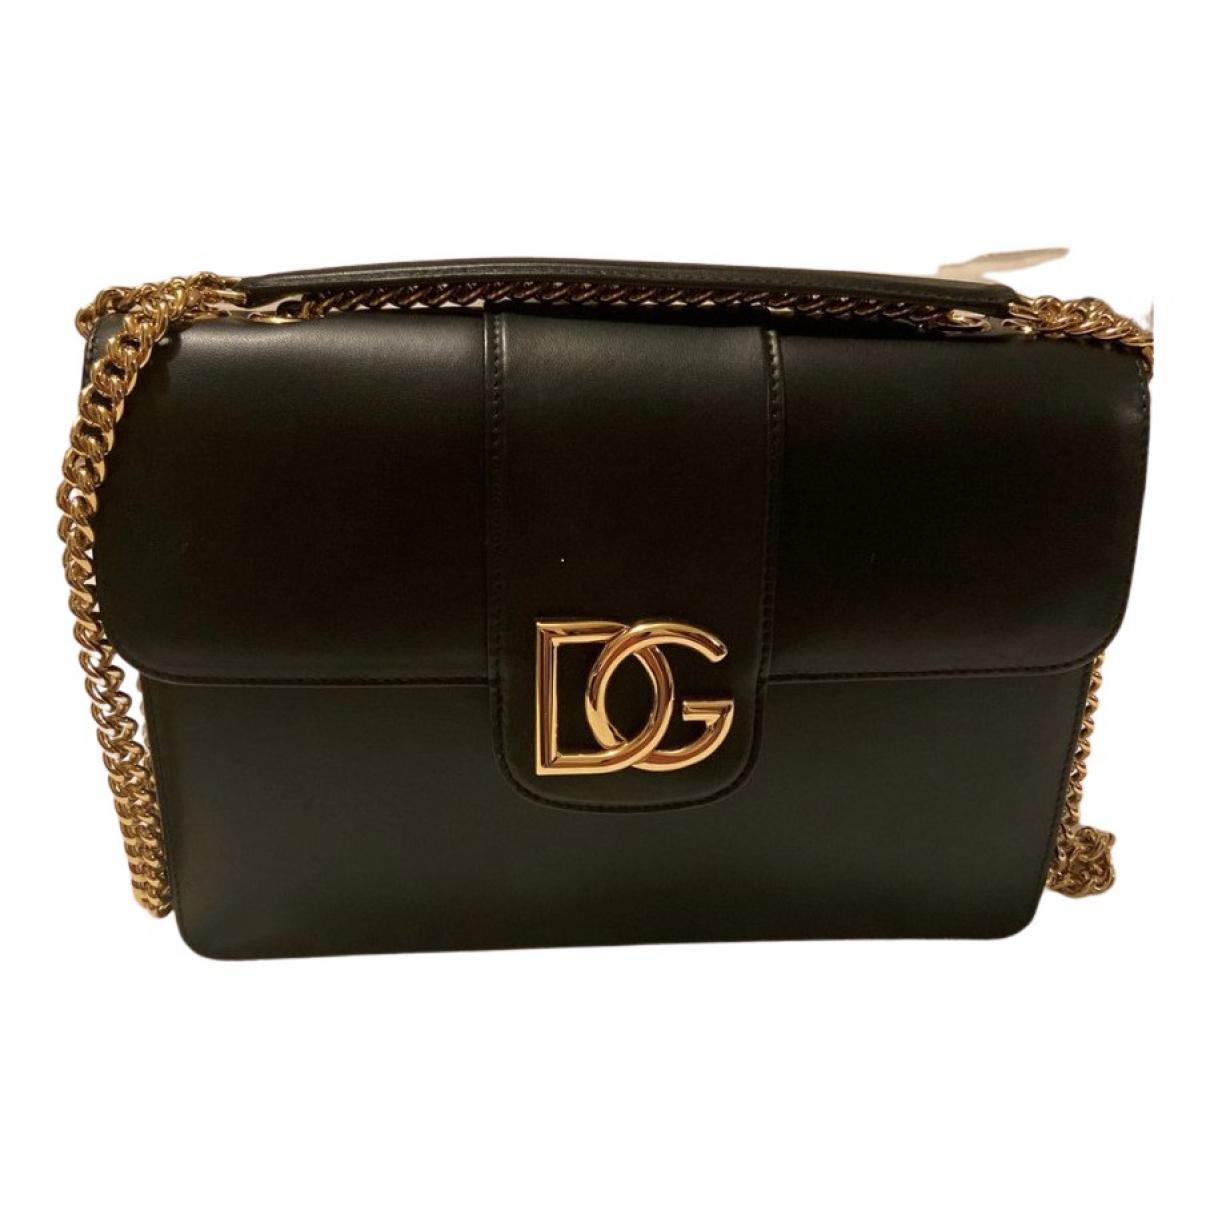 Dolce & Gabbana Millenials Handtasche in  Schwarz Leder